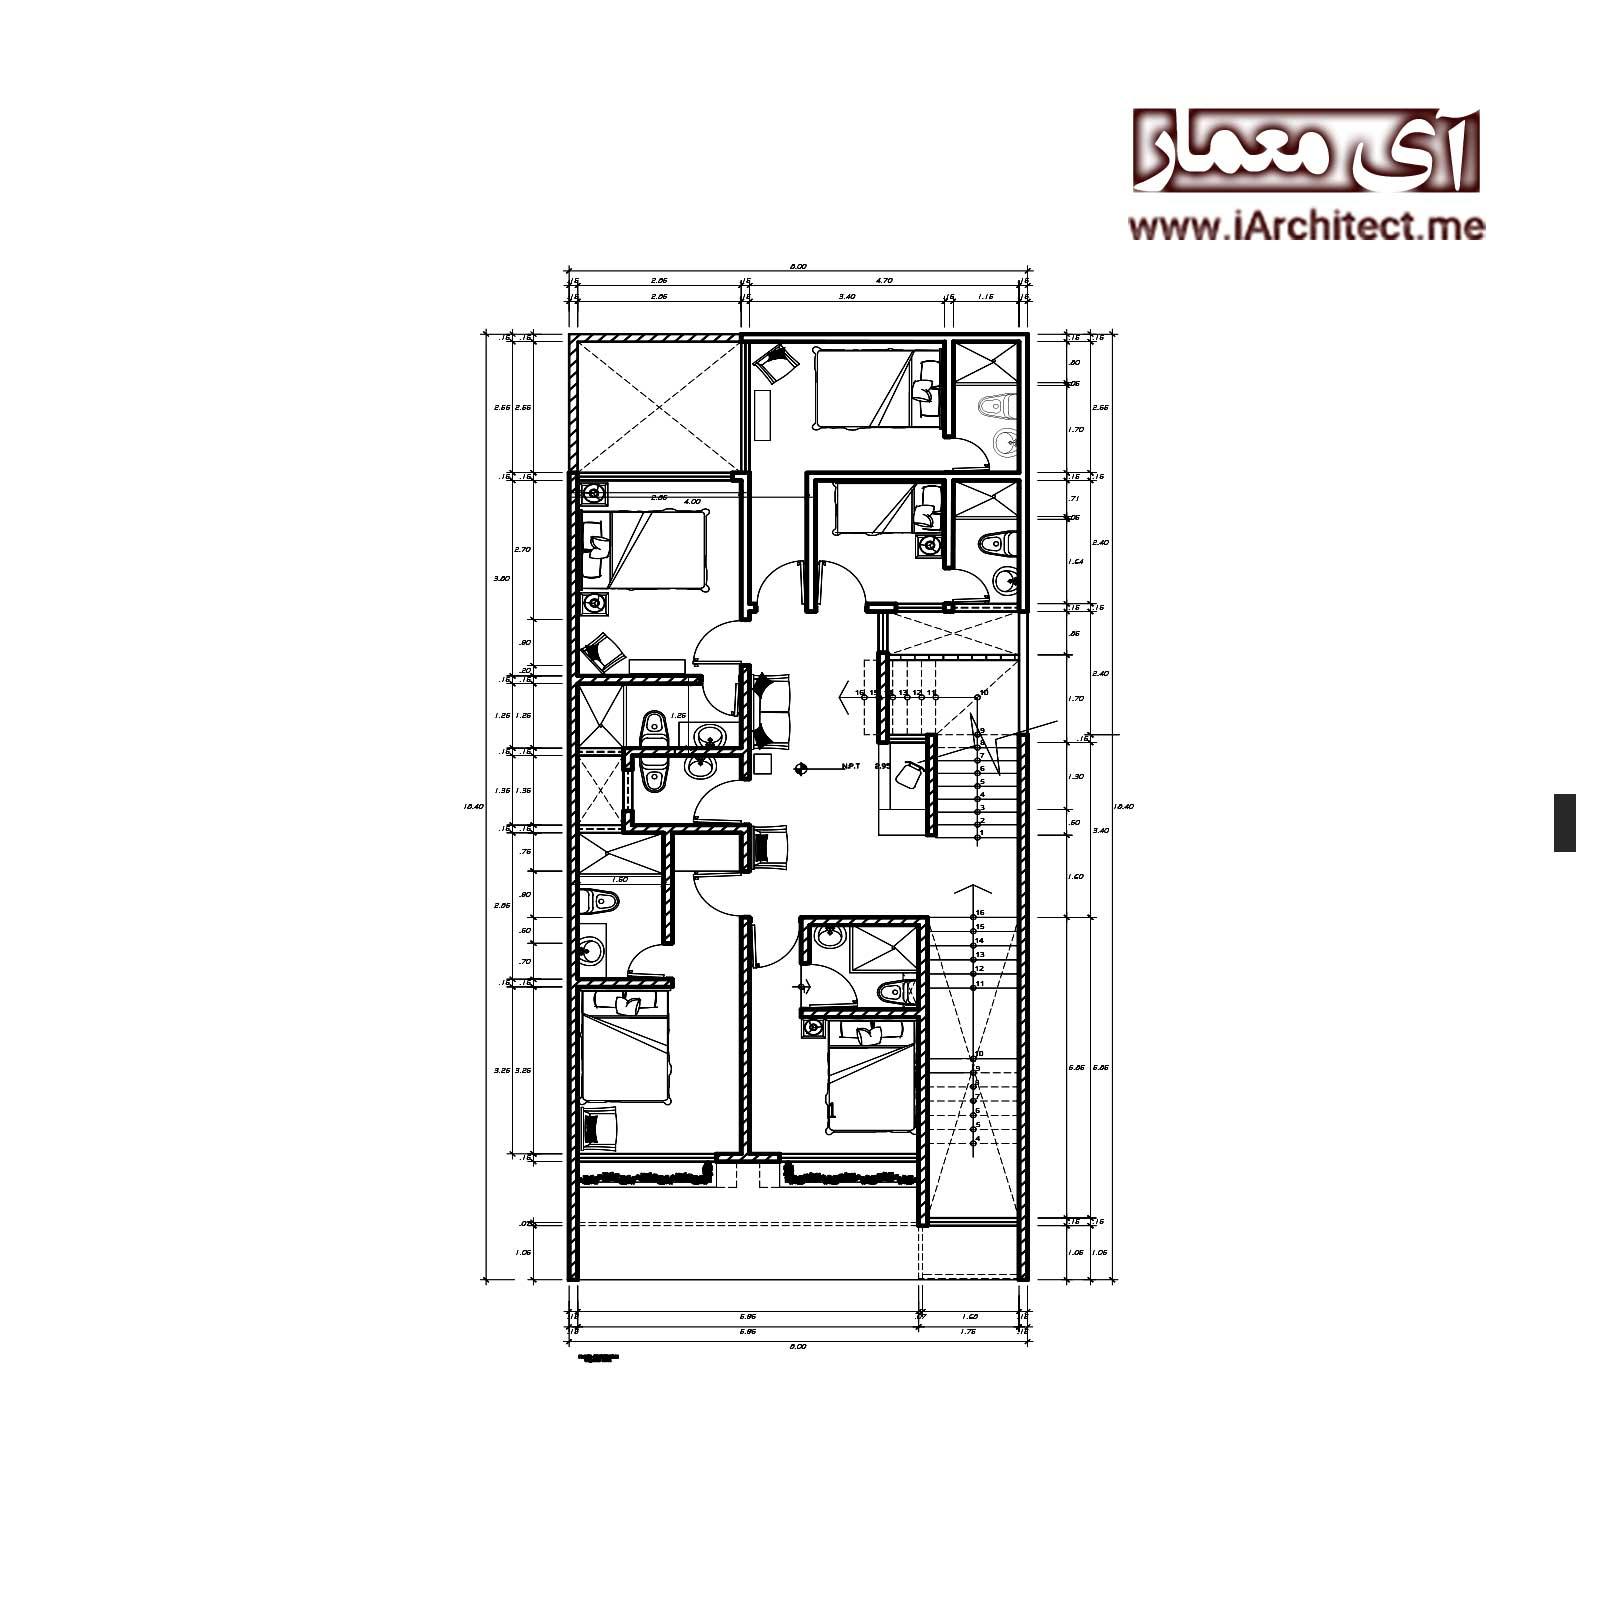 نقشه متل(استراحتگاه) به عرض 8